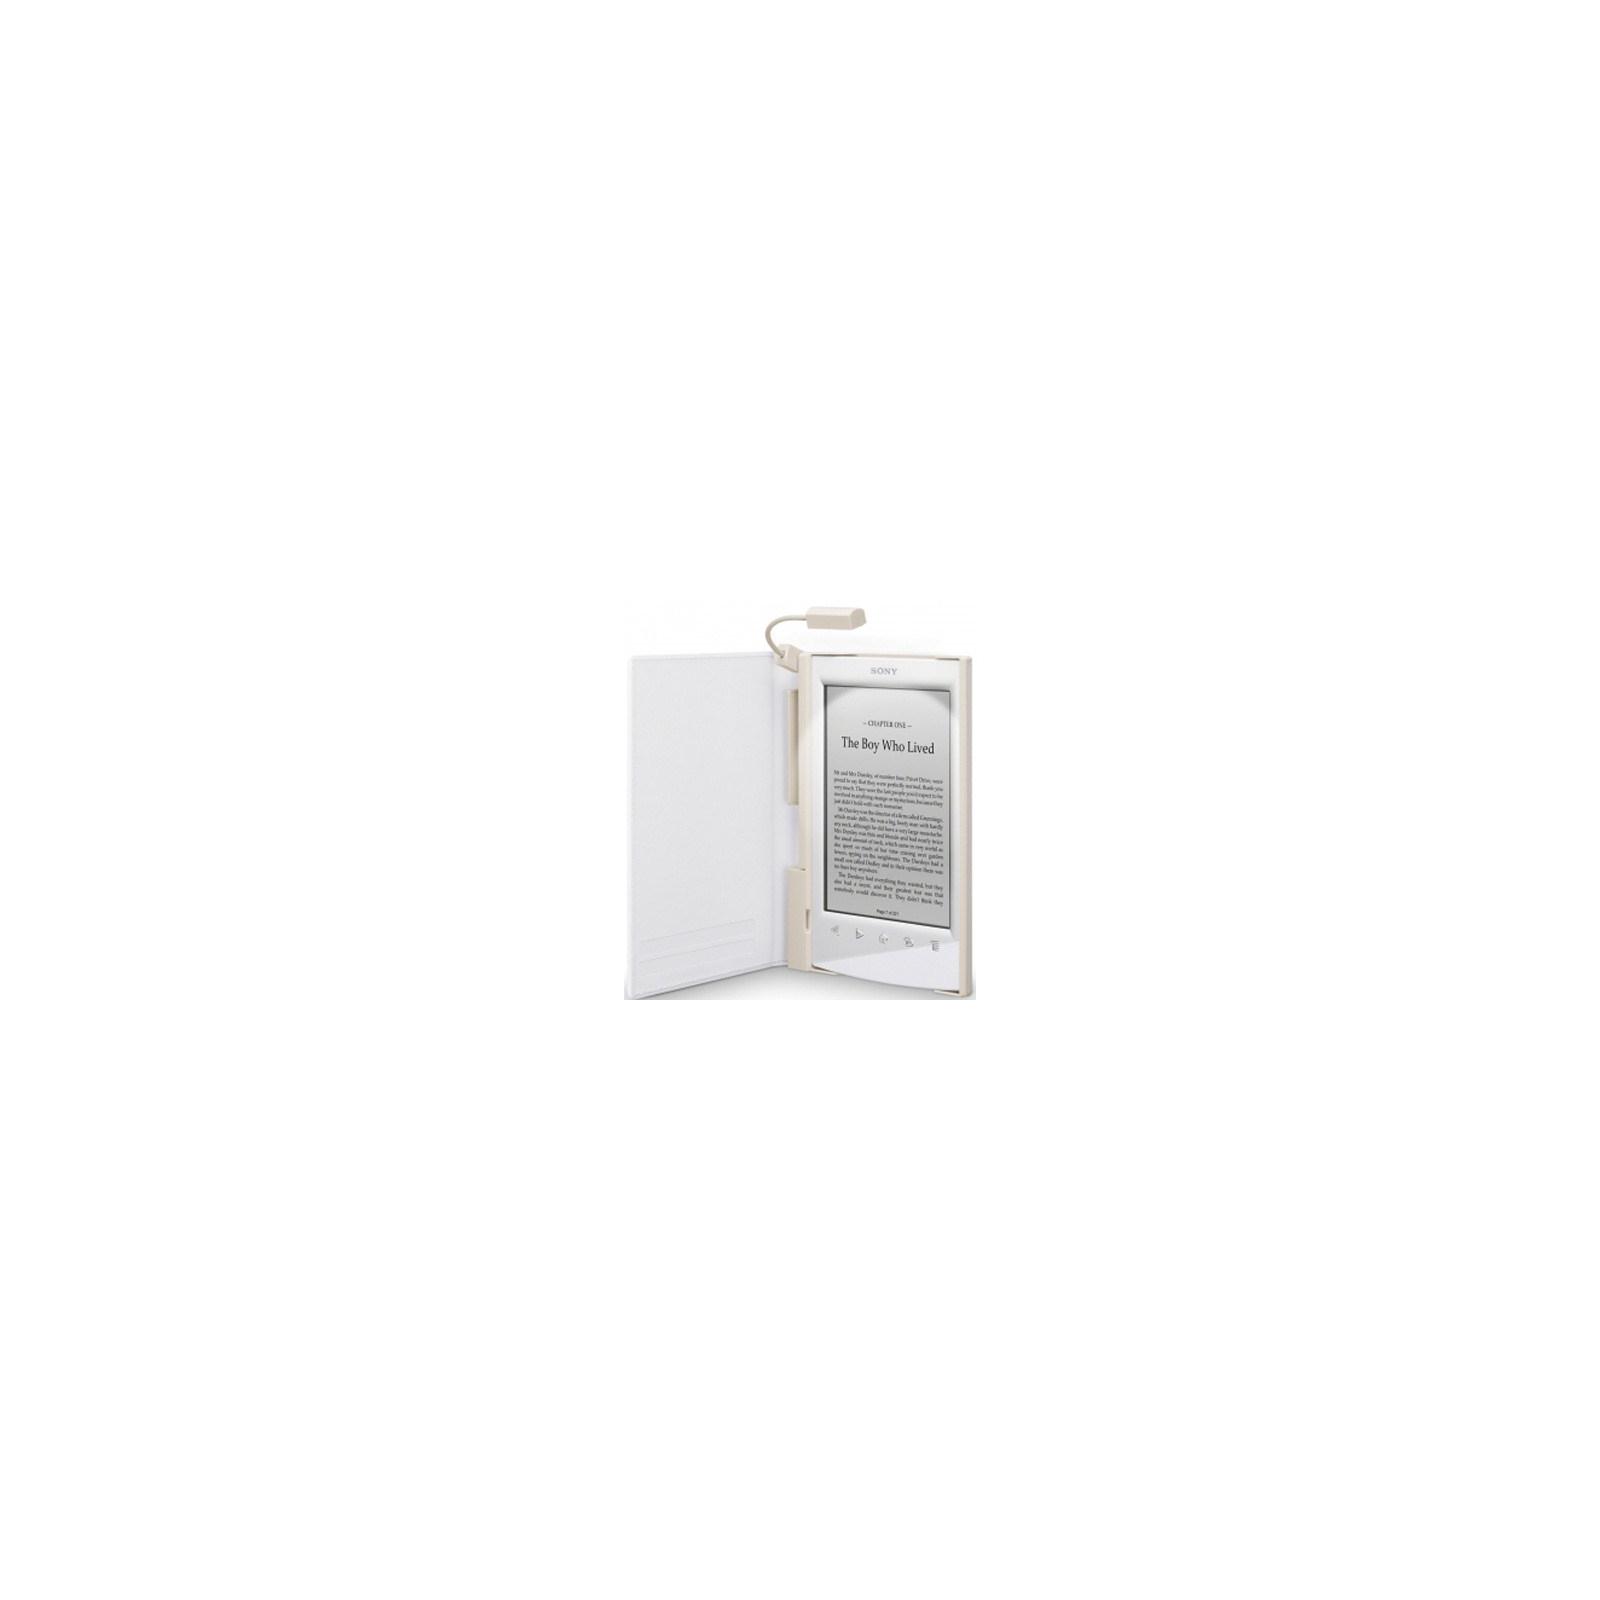 Чехол для электронной книги SONY CL22W white для PRS-T2 (PRSACL22W.WW2) изображение 2